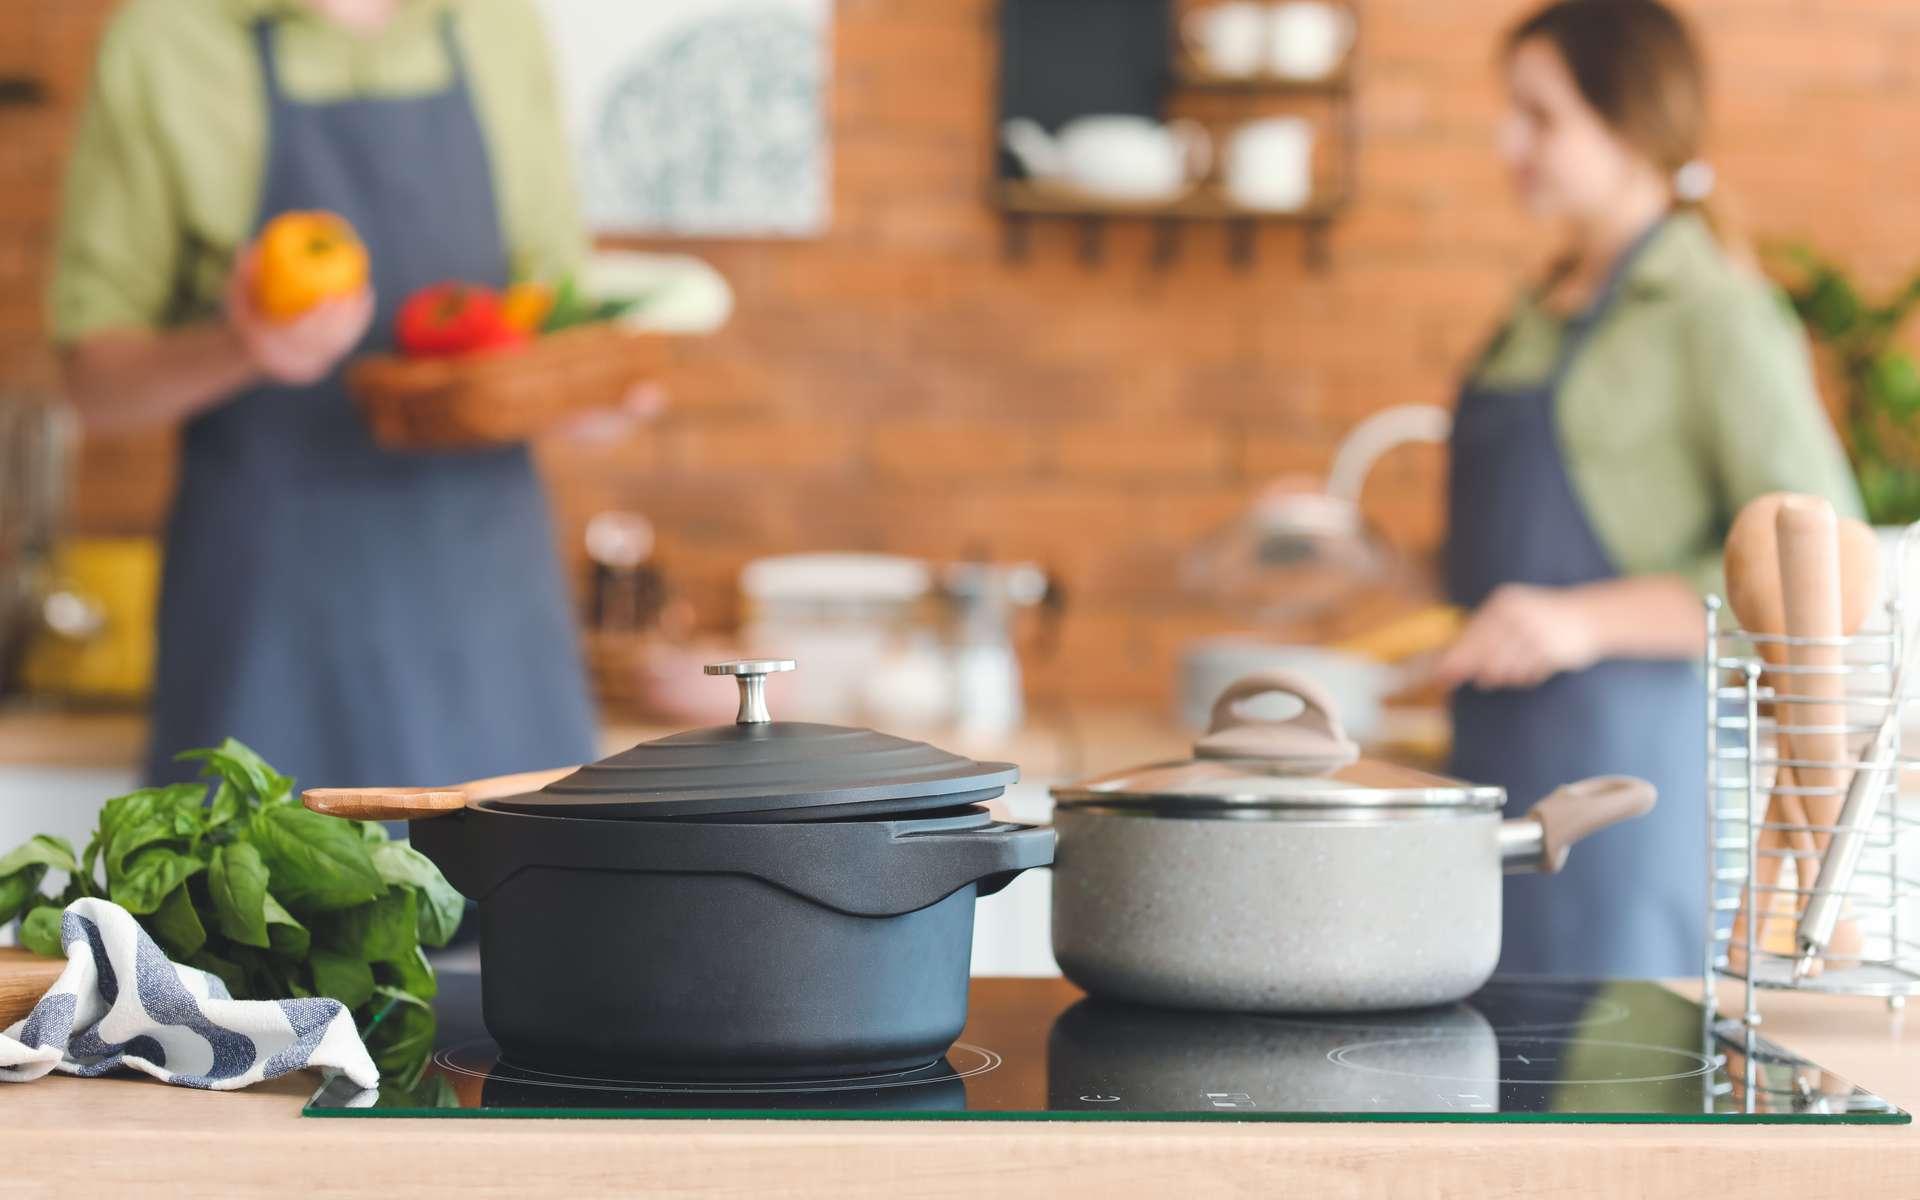 Cuisiner avec une plaque à induction est aussi facile qu'avec une plaque gaz. En revanche, son branchement au tableau électrique impose de respecter les règles imposées par la norme électrique NF C 15-100. © Pixel-Shot, Adobe Stock